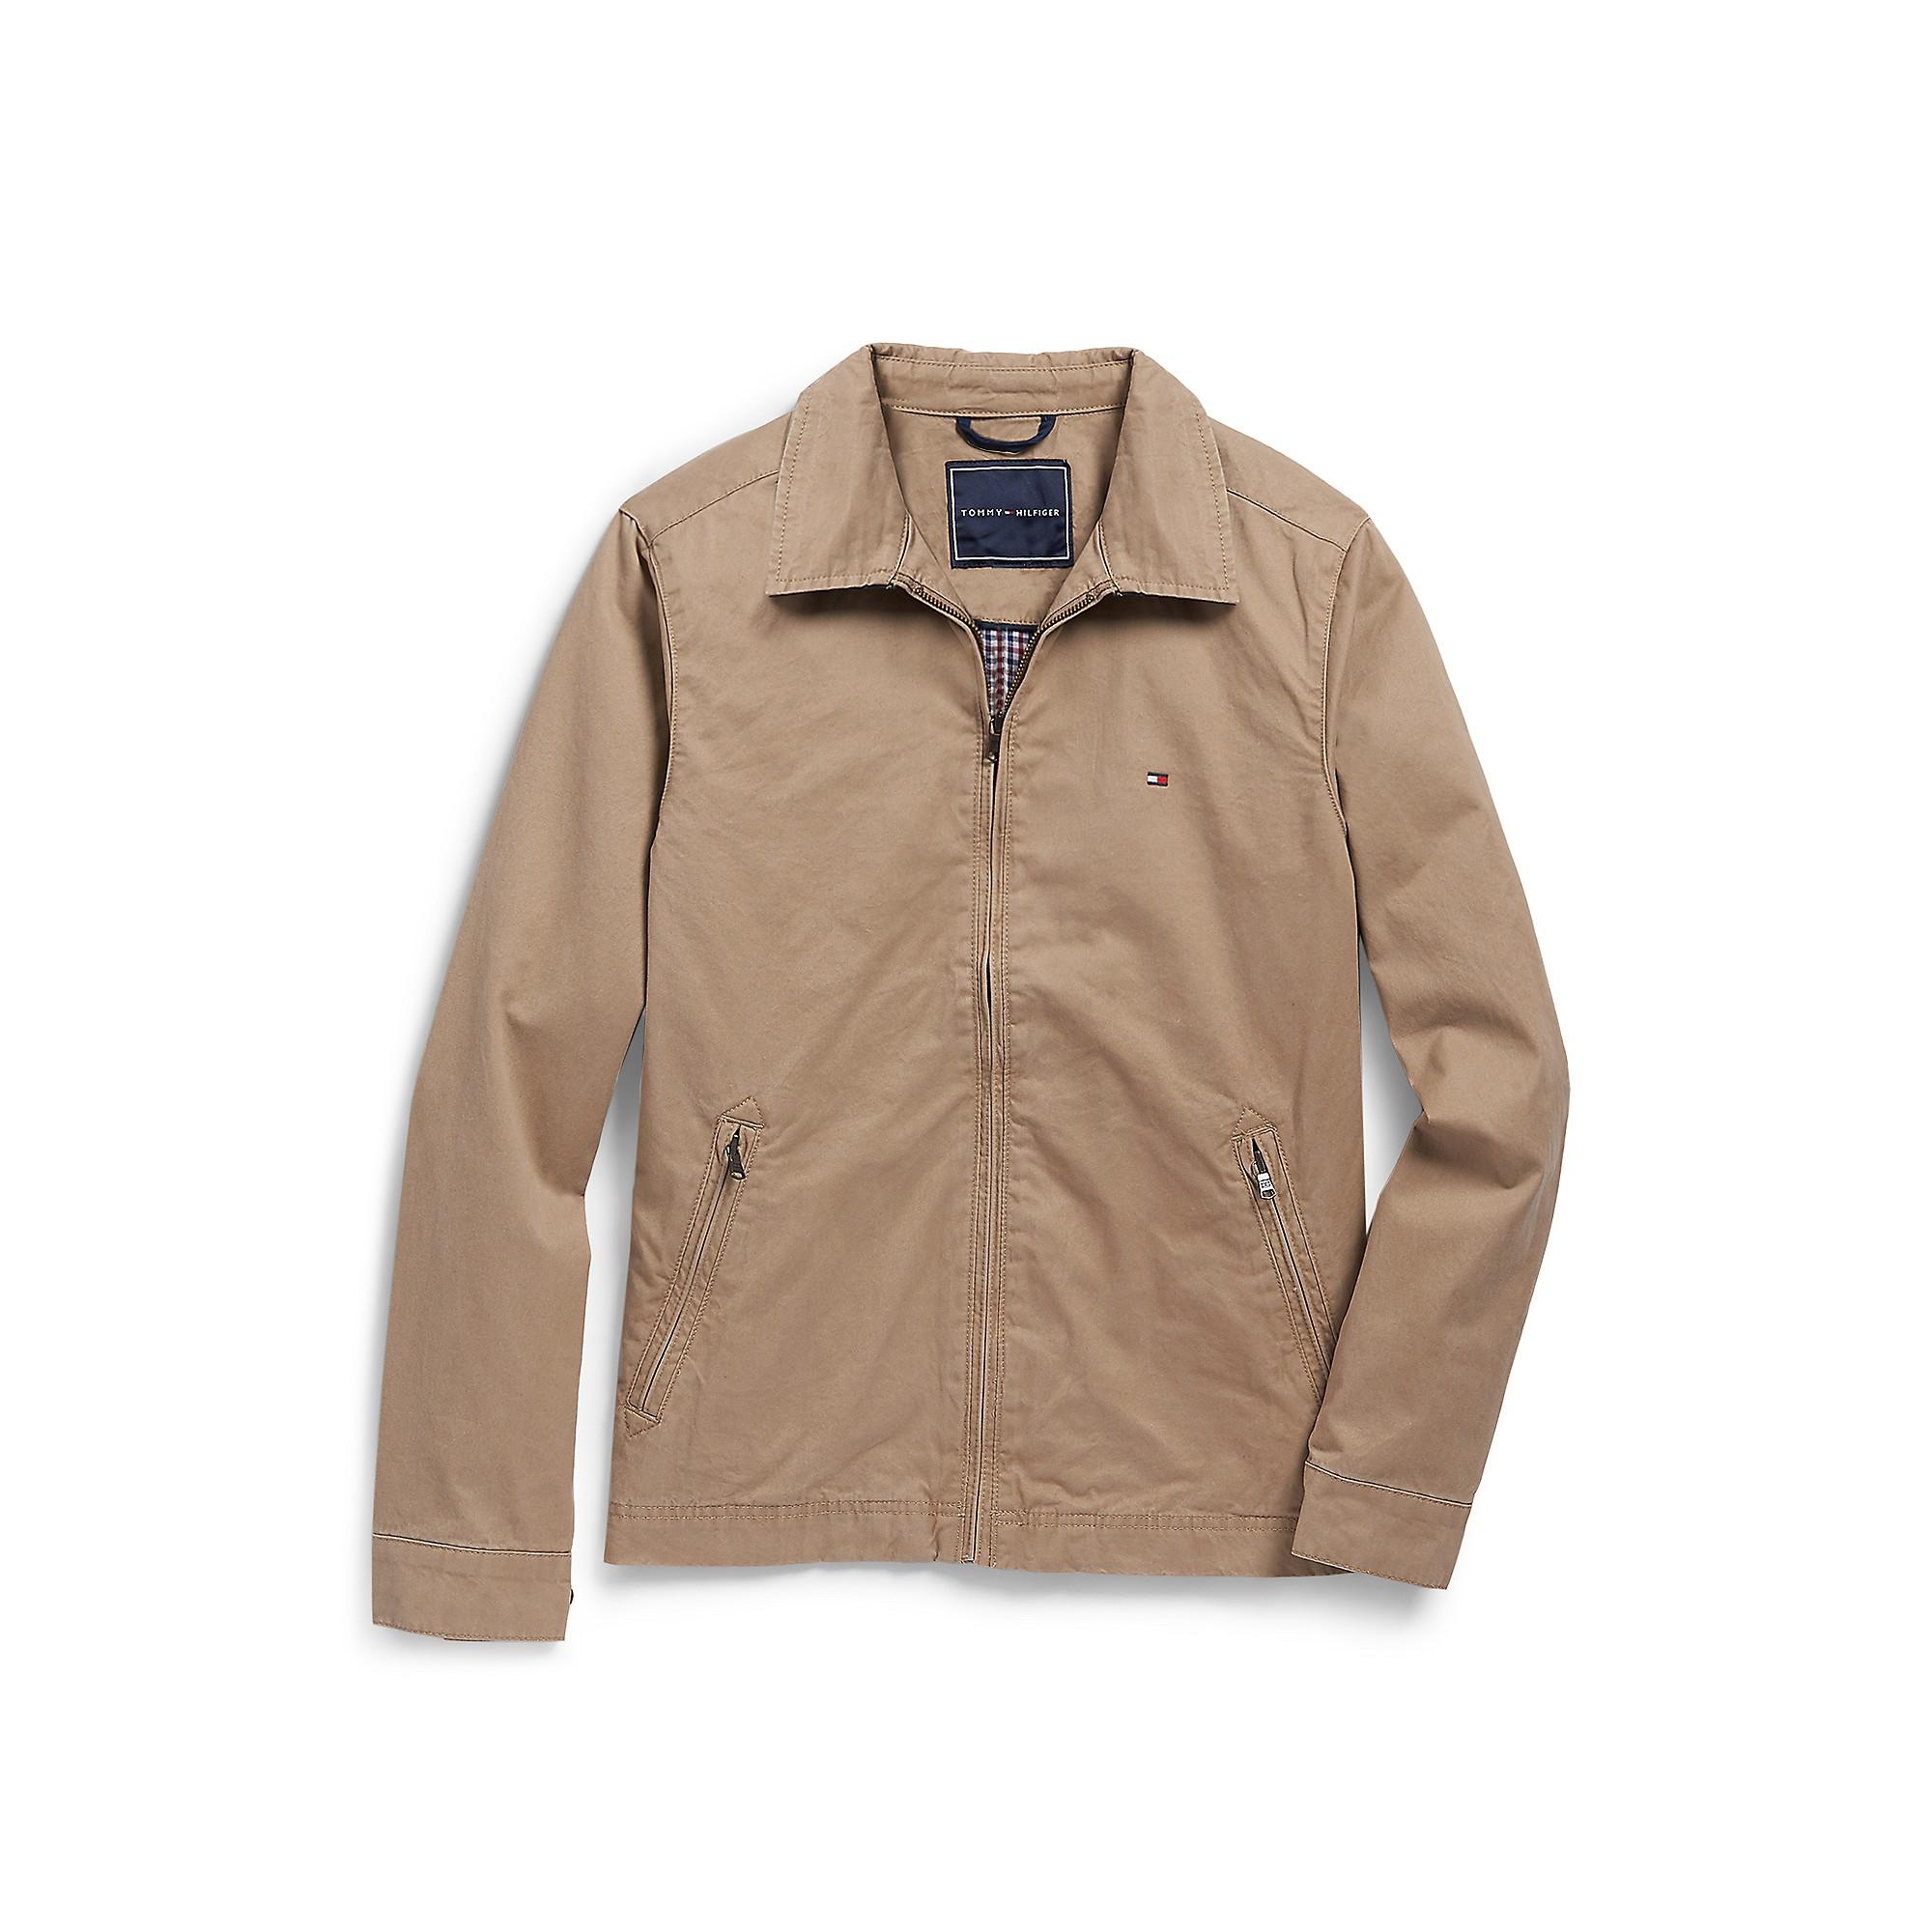 tommy hilfiger perry jacket in khaki for men vintage. Black Bedroom Furniture Sets. Home Design Ideas